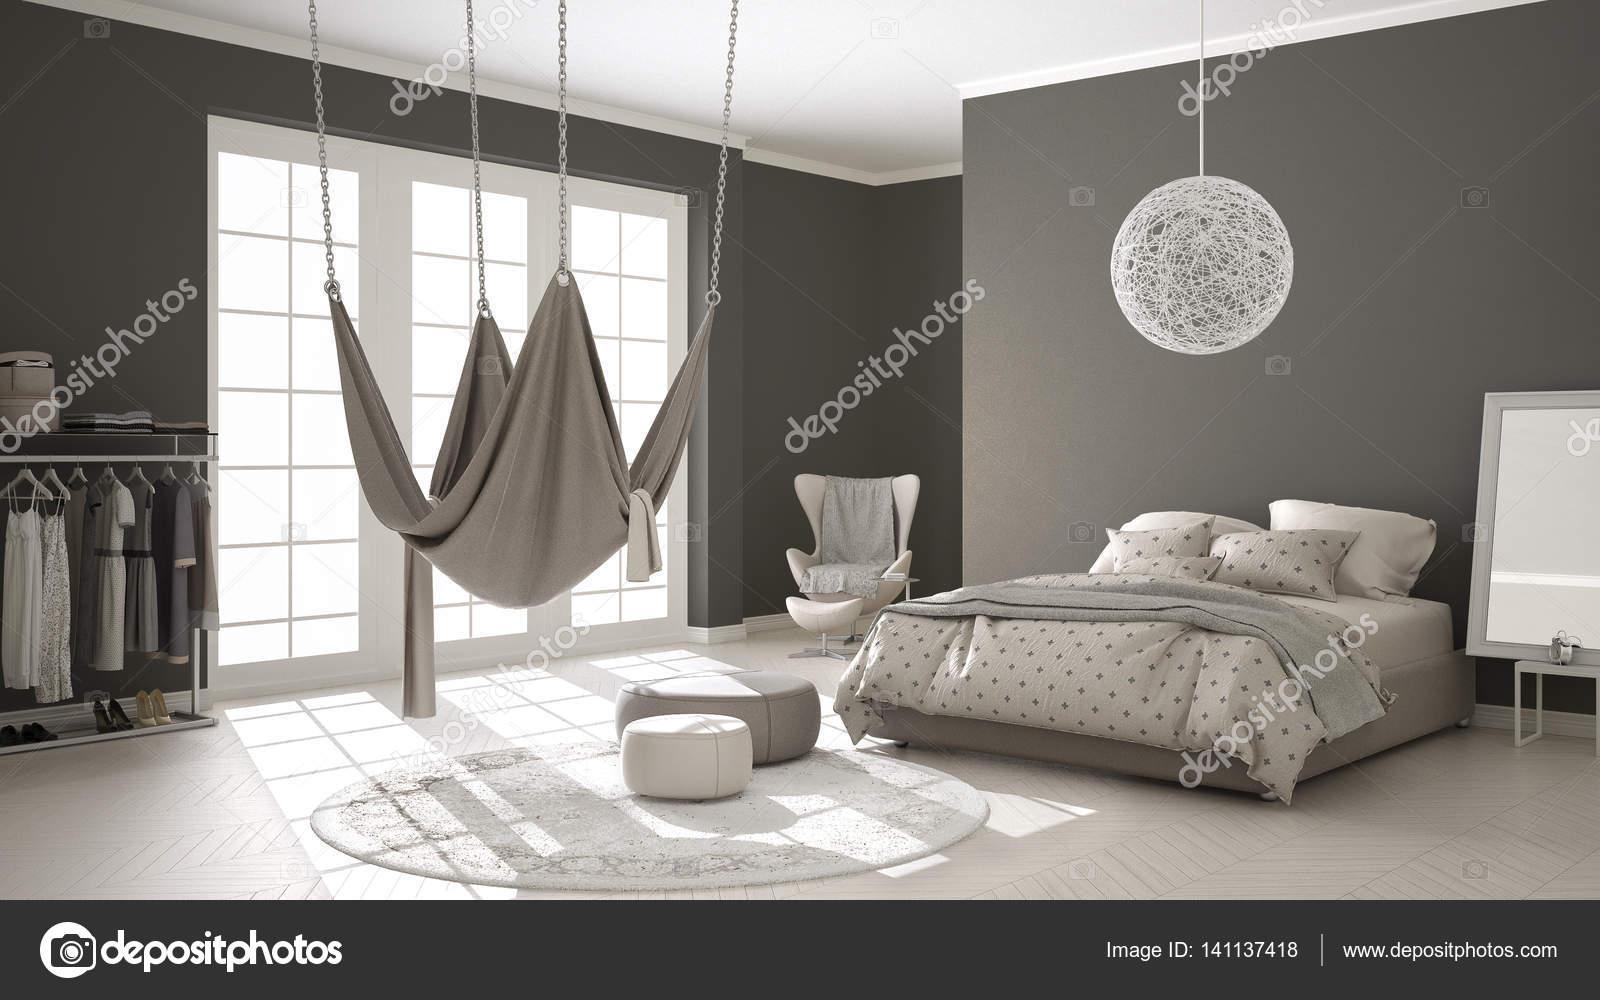 Camere Da Letto Design Minimalista : Camera da letto classica design minimalista degli interni con